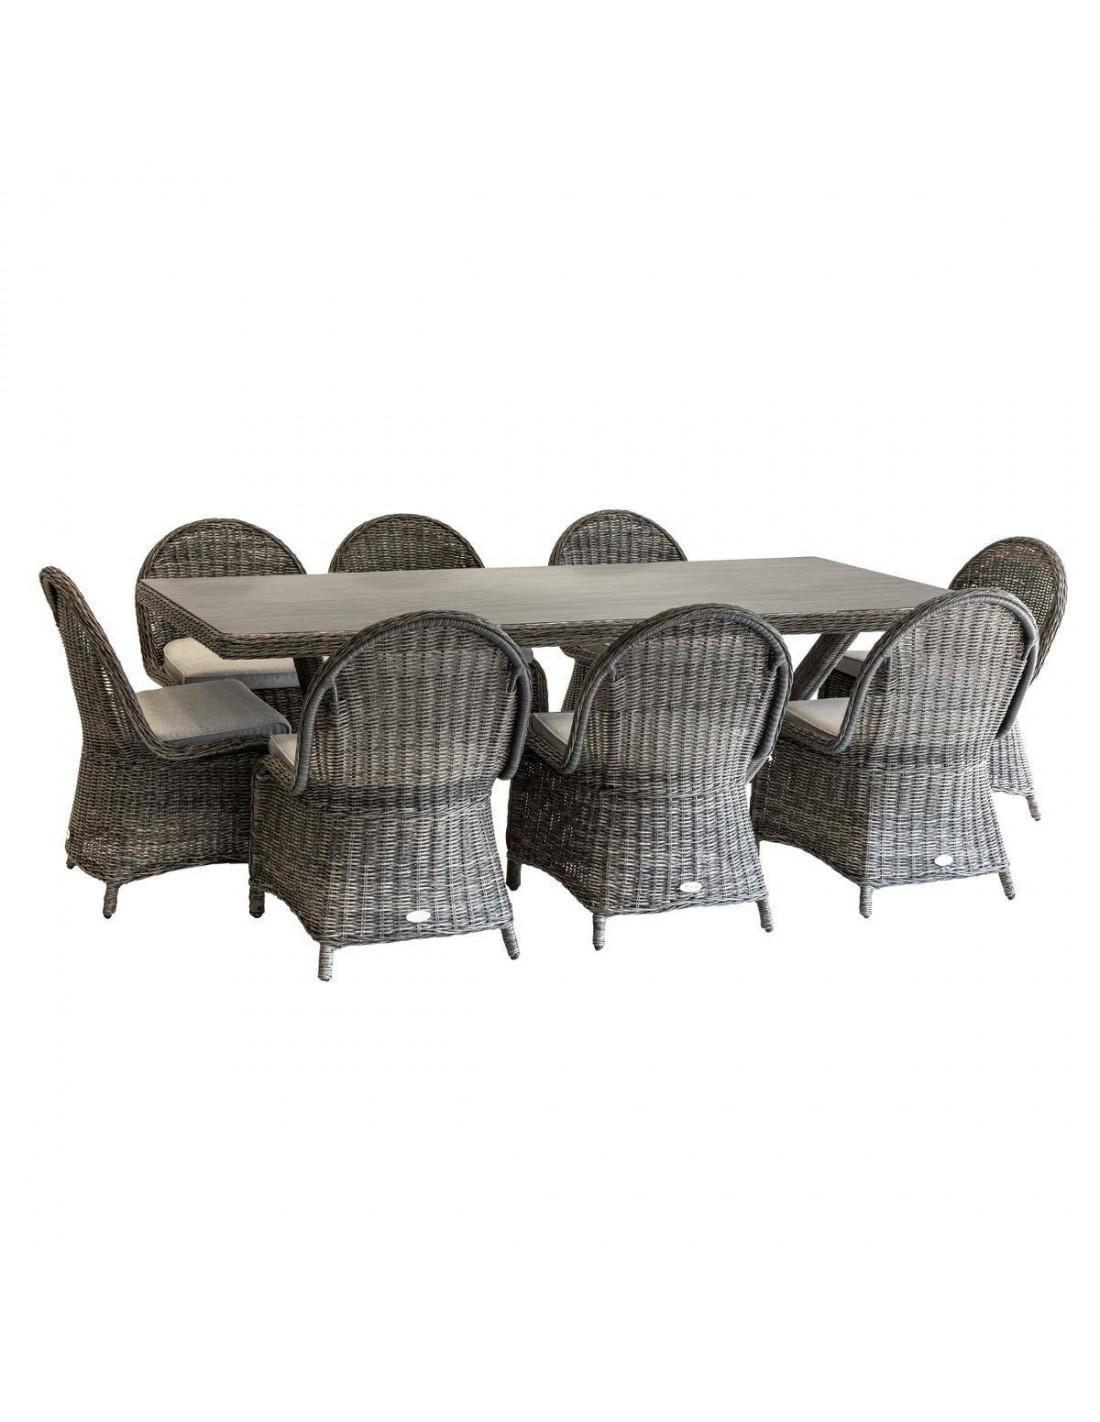 Table de jardin Betong 8 places résine tressée Hespéride